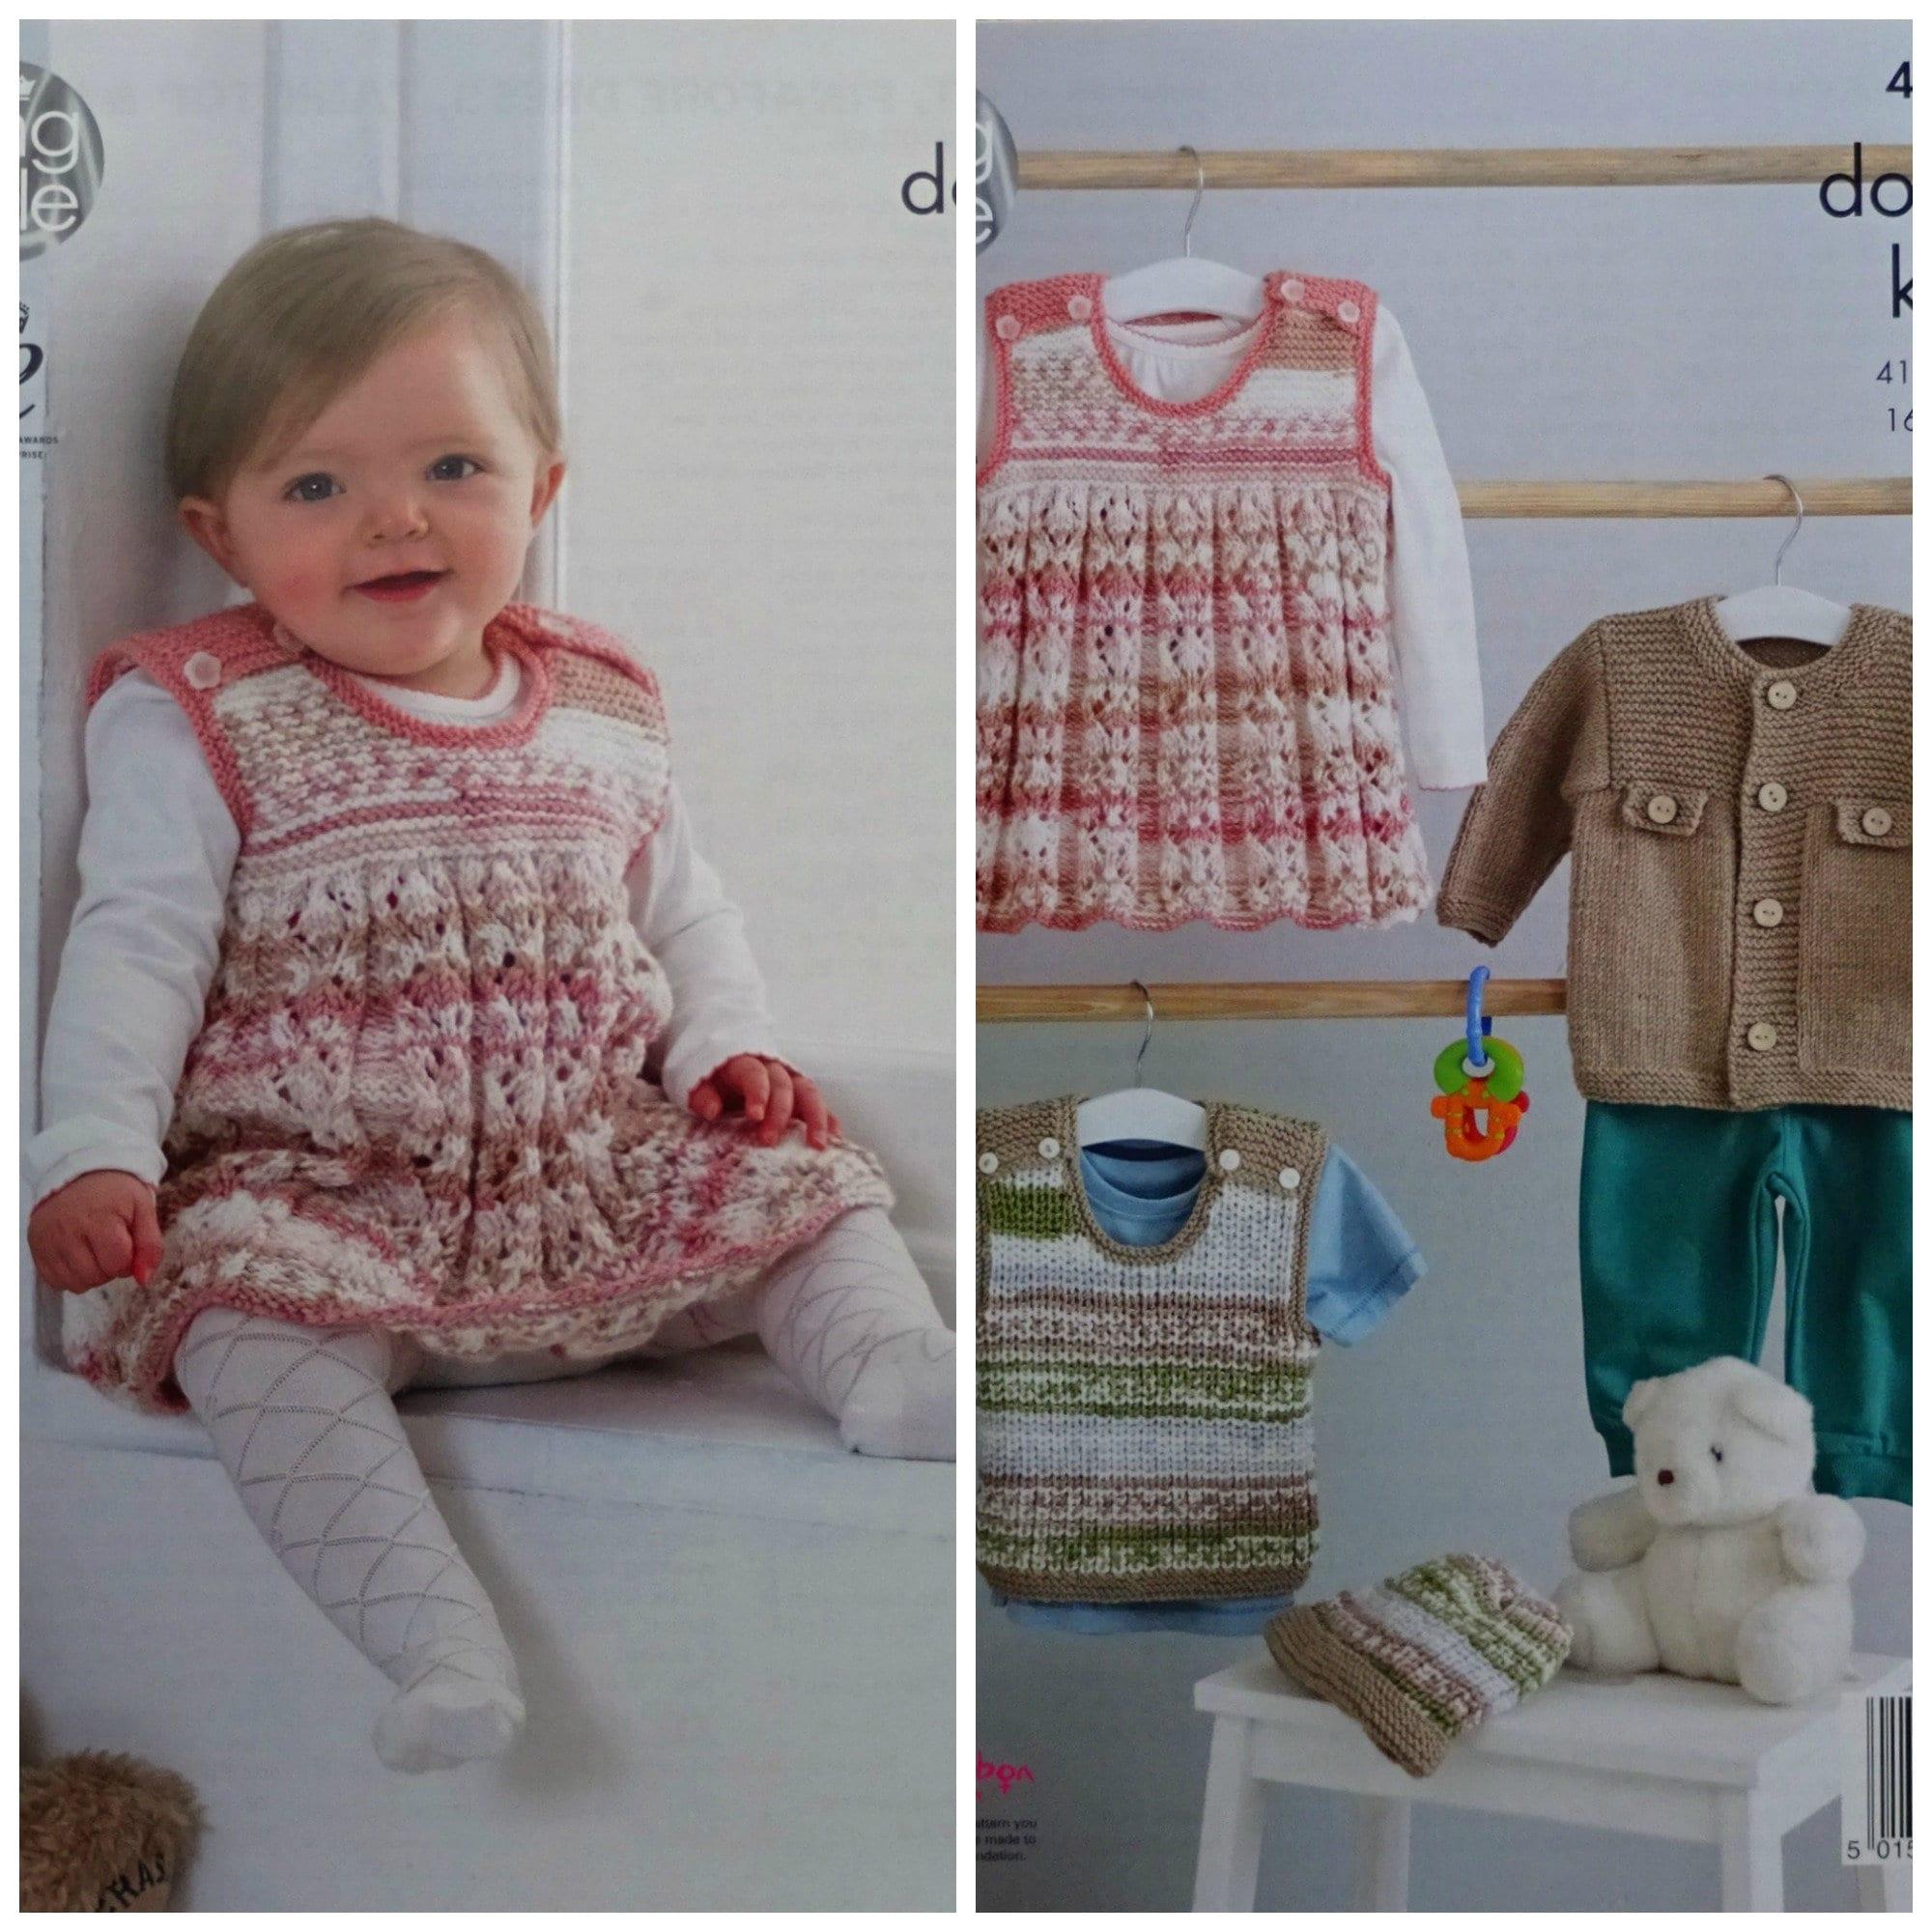 Baby Knitting Pattern K4804 Babys Pinafore Dress Jacket Tank Top